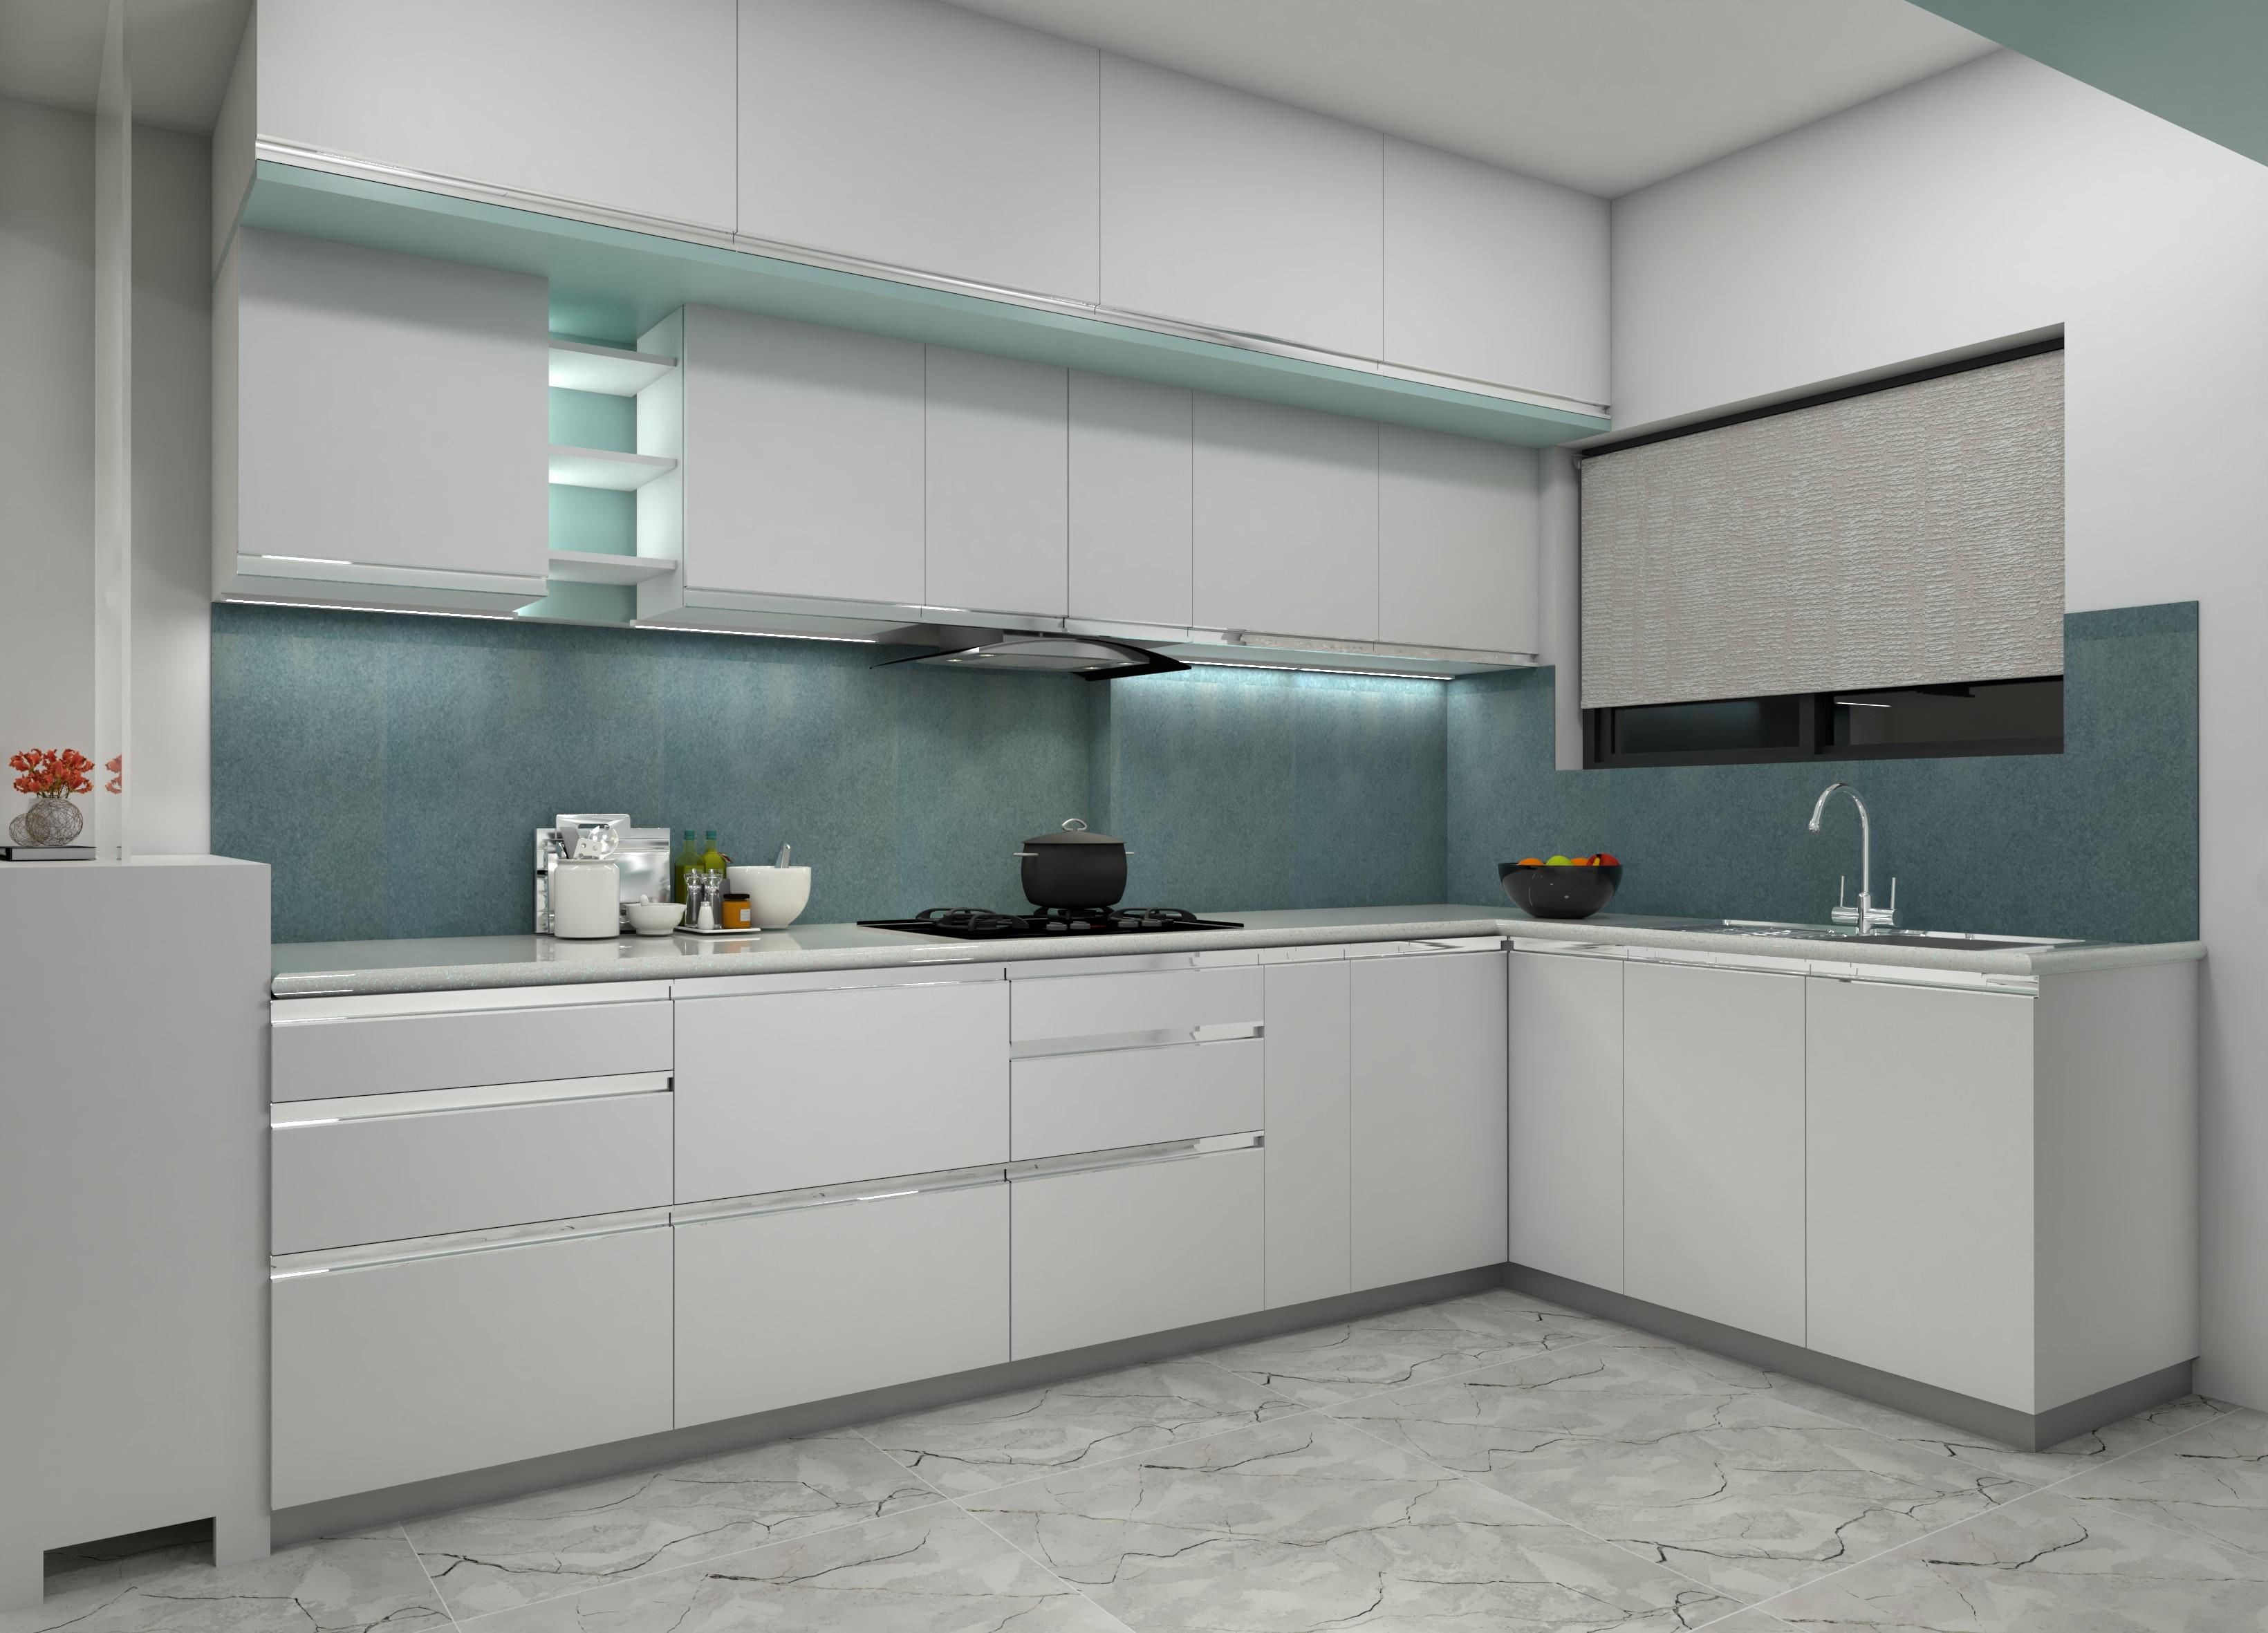 kitchen2.effectsResult.effectsResult